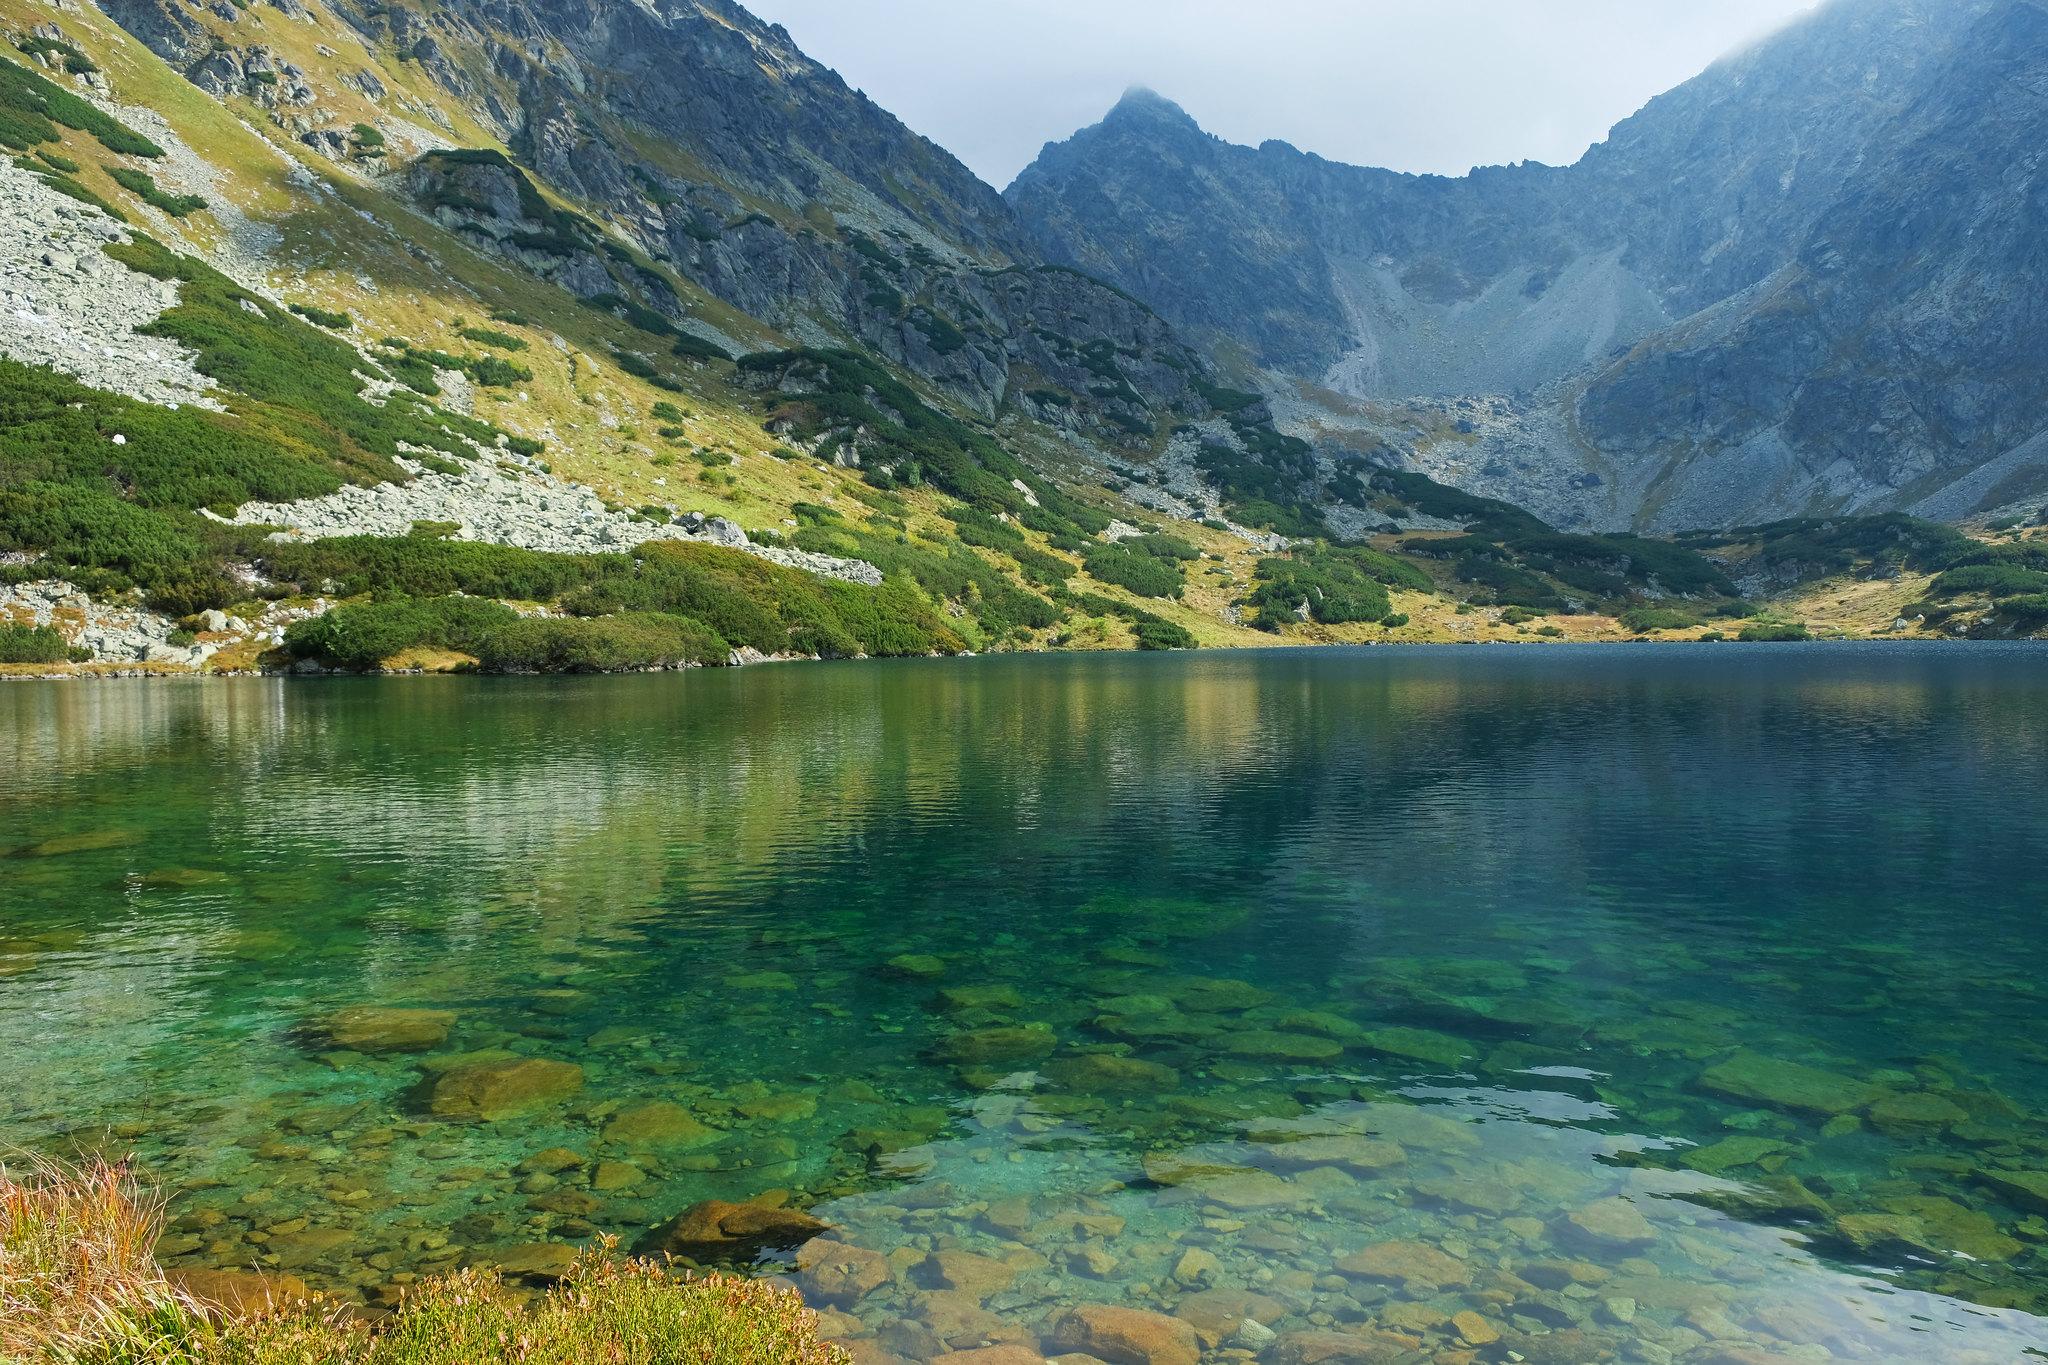 Nižné Temnosmrečinské pleso, High Tatras